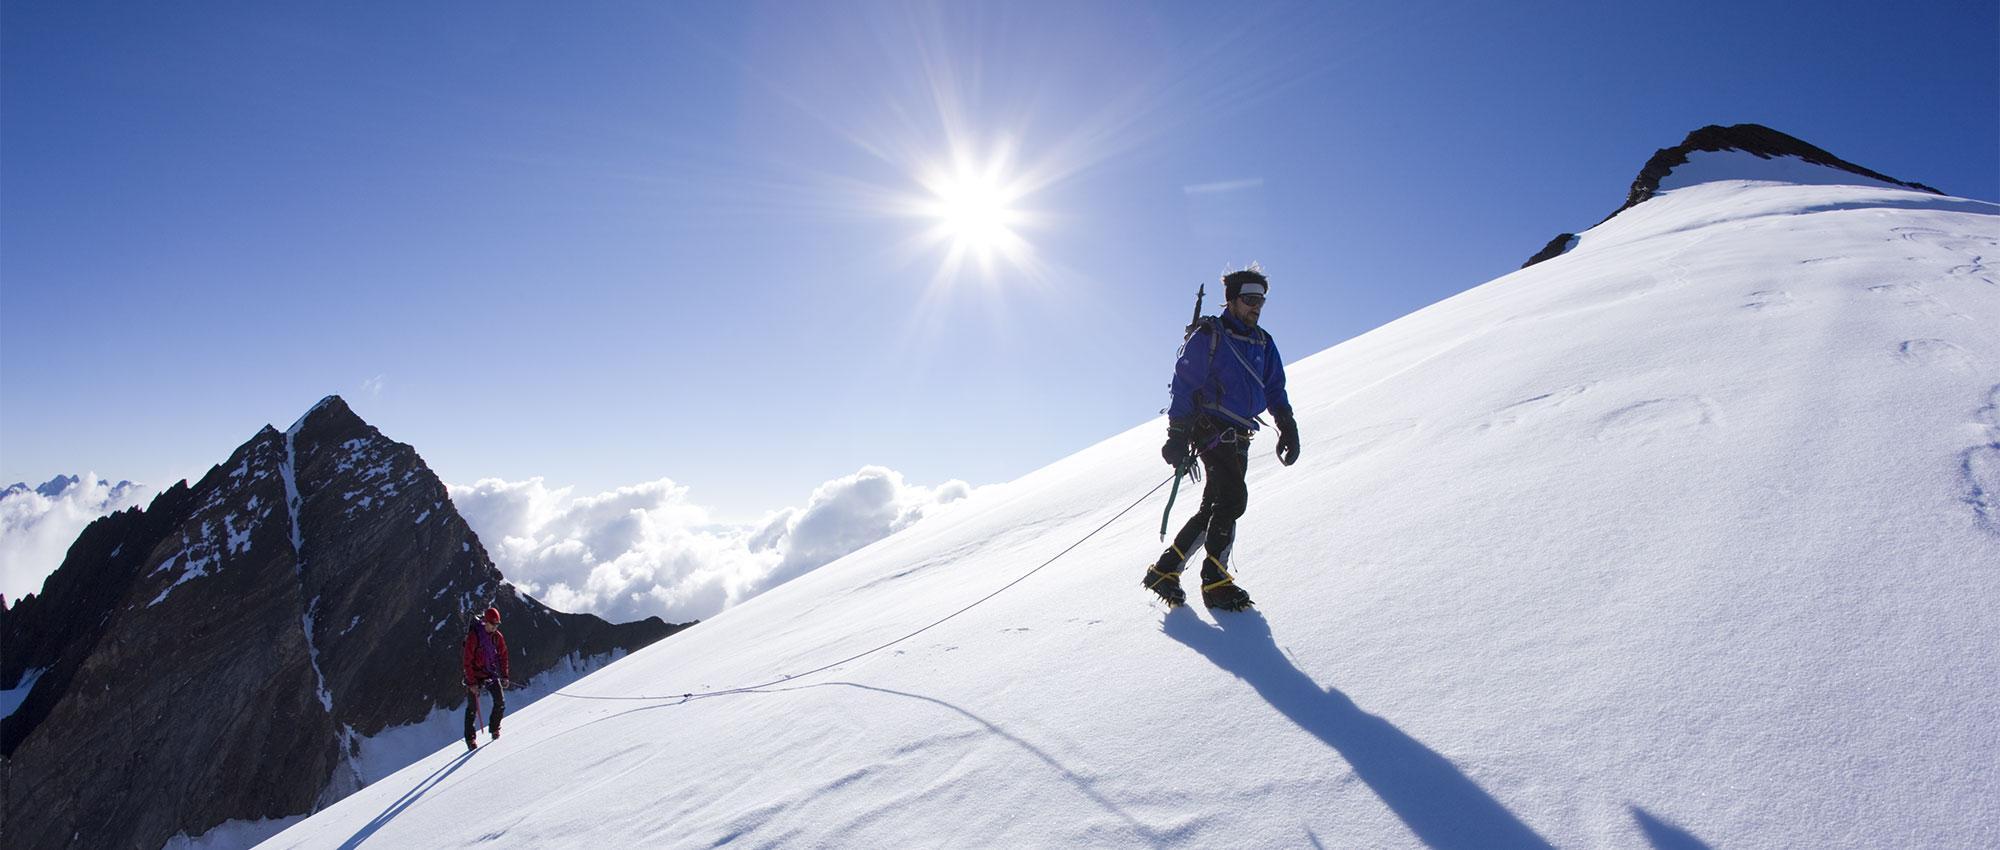 Zwei Bergsteiger auf Firnflanke.jpg